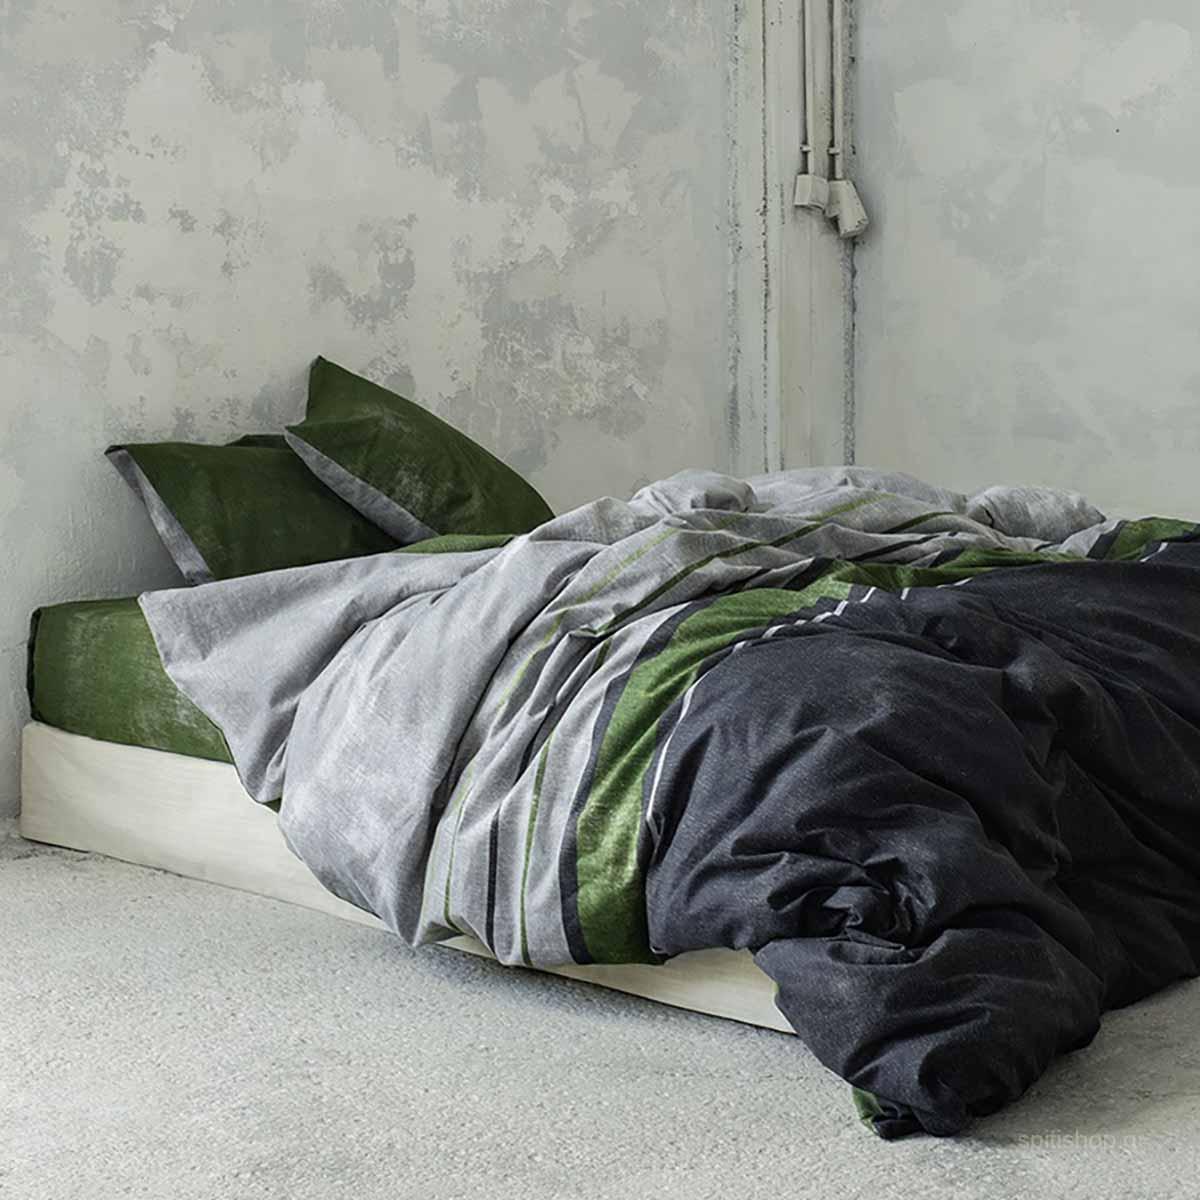 Φανελένια Παπλωματοθήκη Υπέρδιπλη (Σετ) Nima Bed Linen Pivot